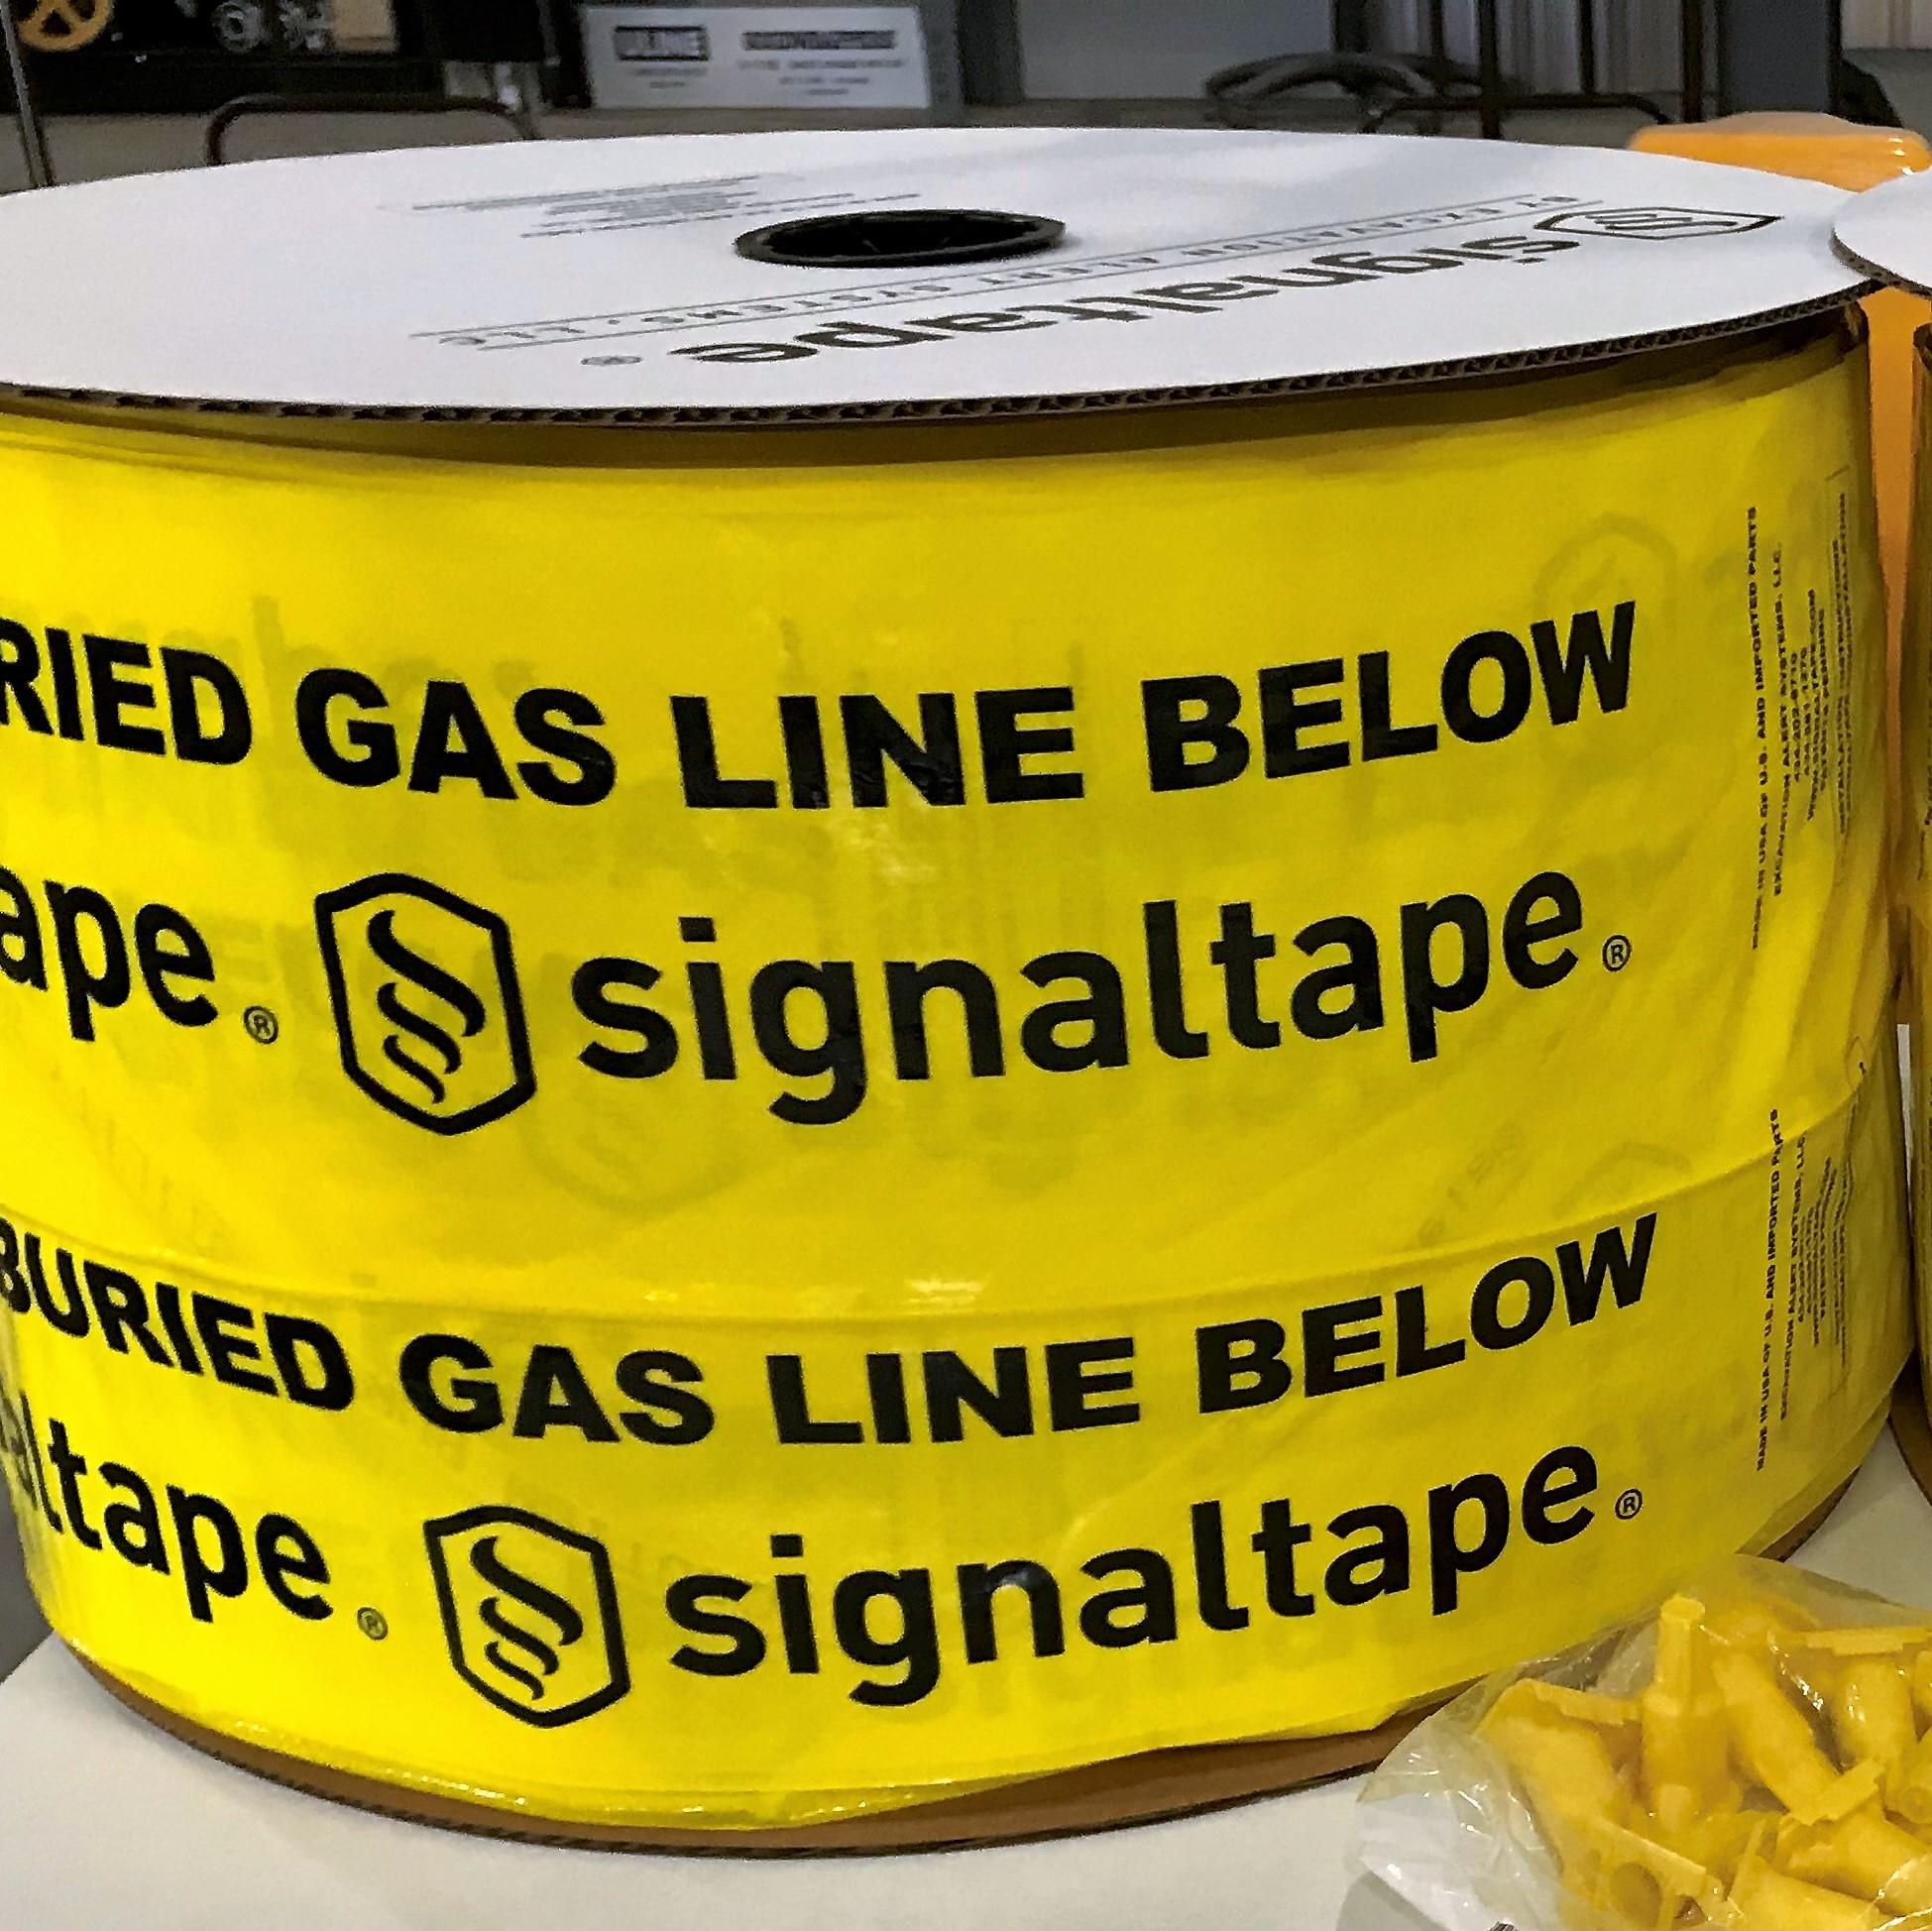 Images of Signaltape underground warning tape